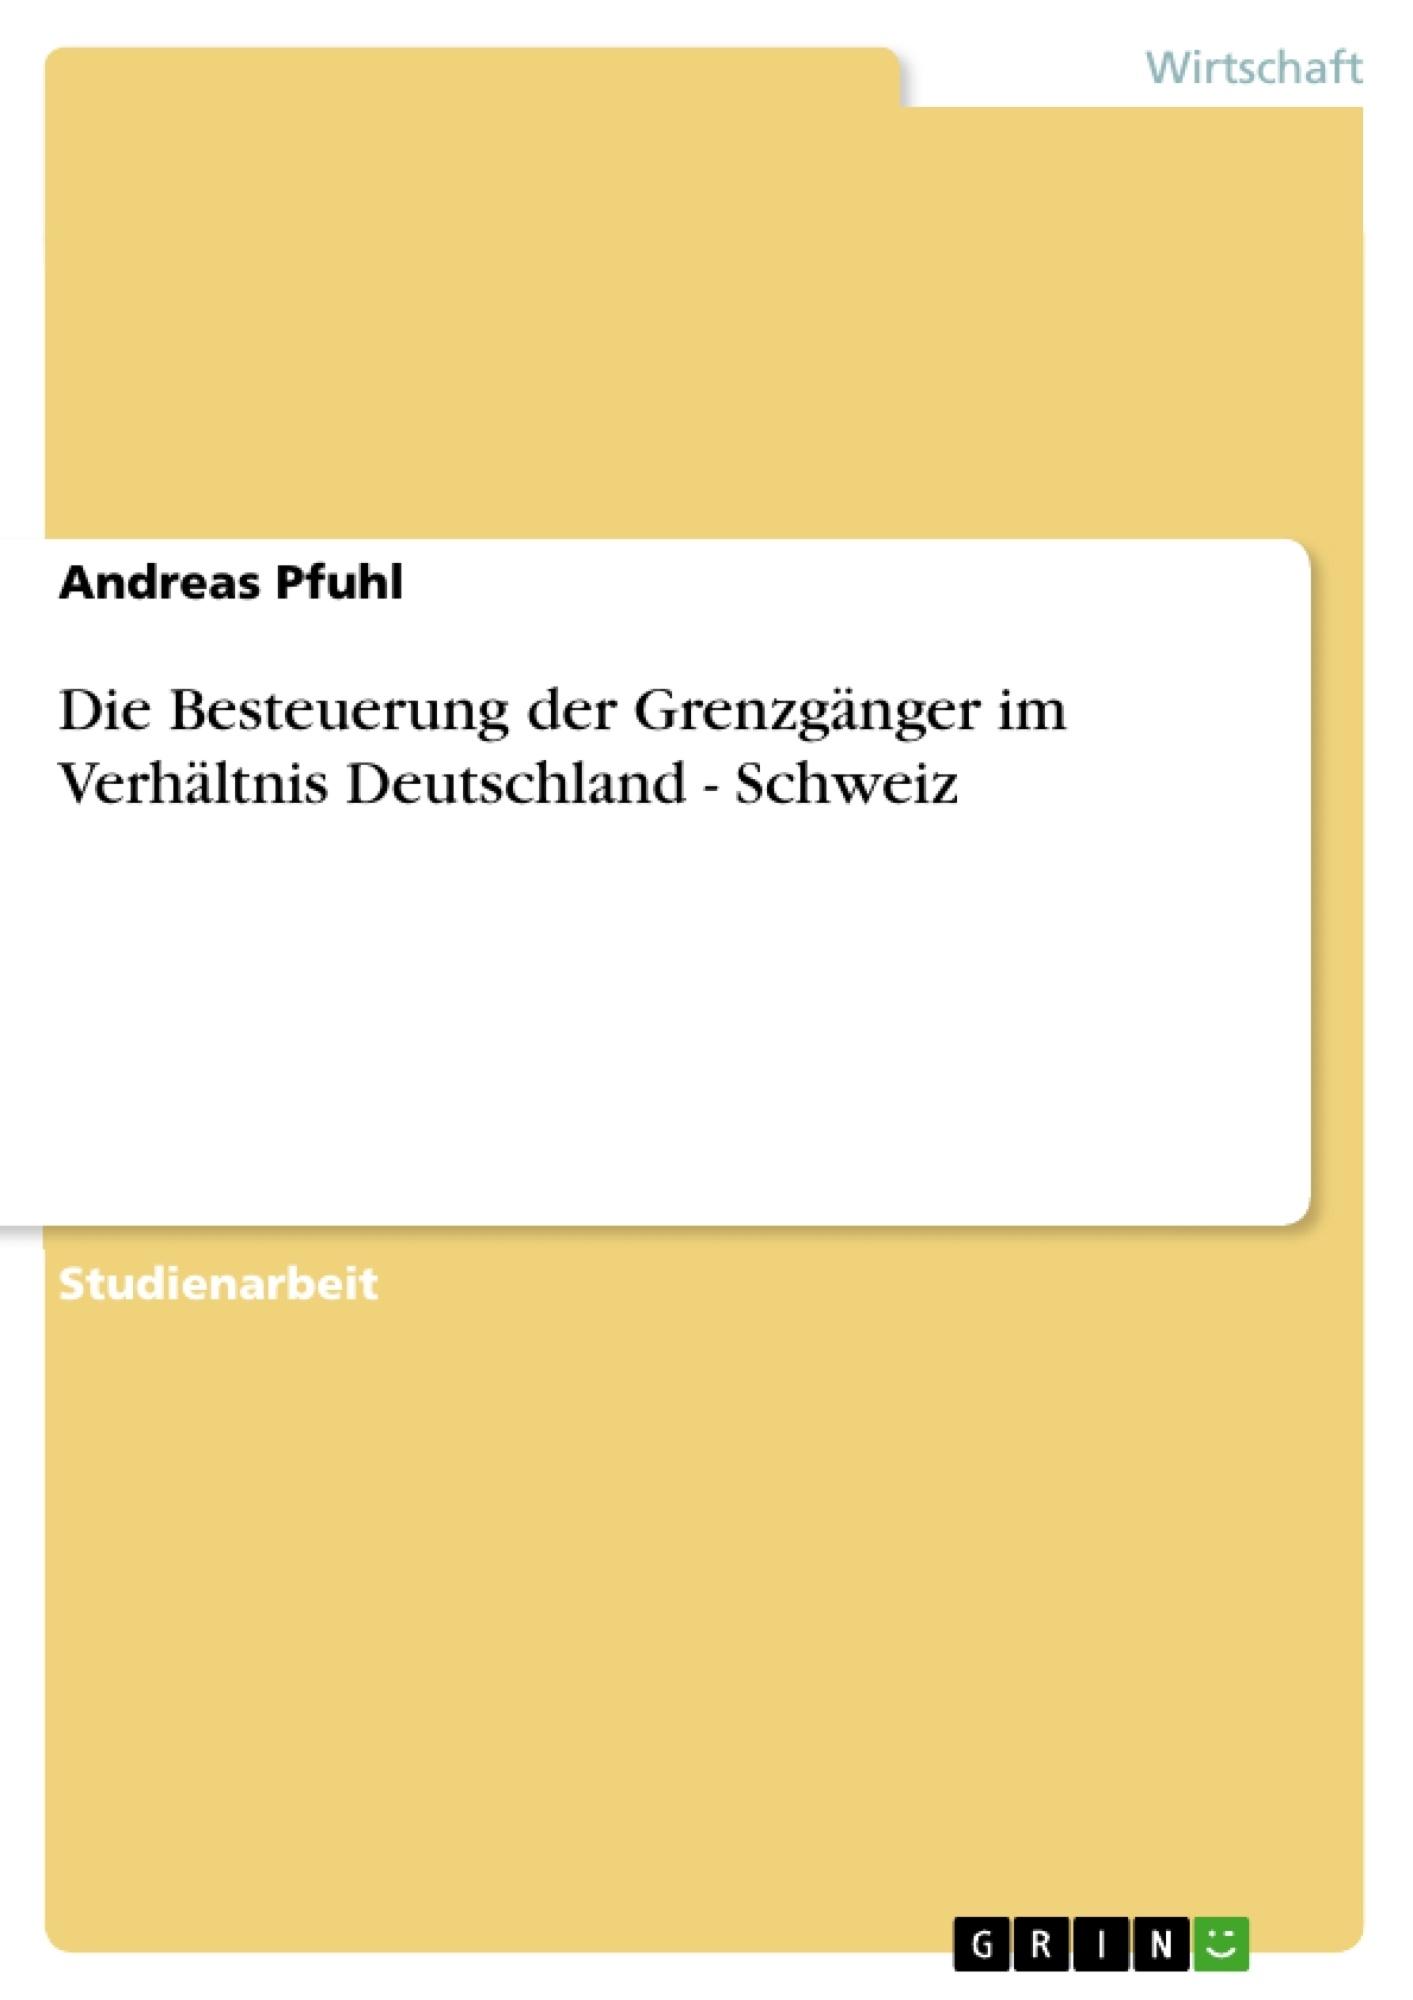 Titel: Die Besteuerung der Grenzgänger im Verhältnis Deutschland - Schweiz